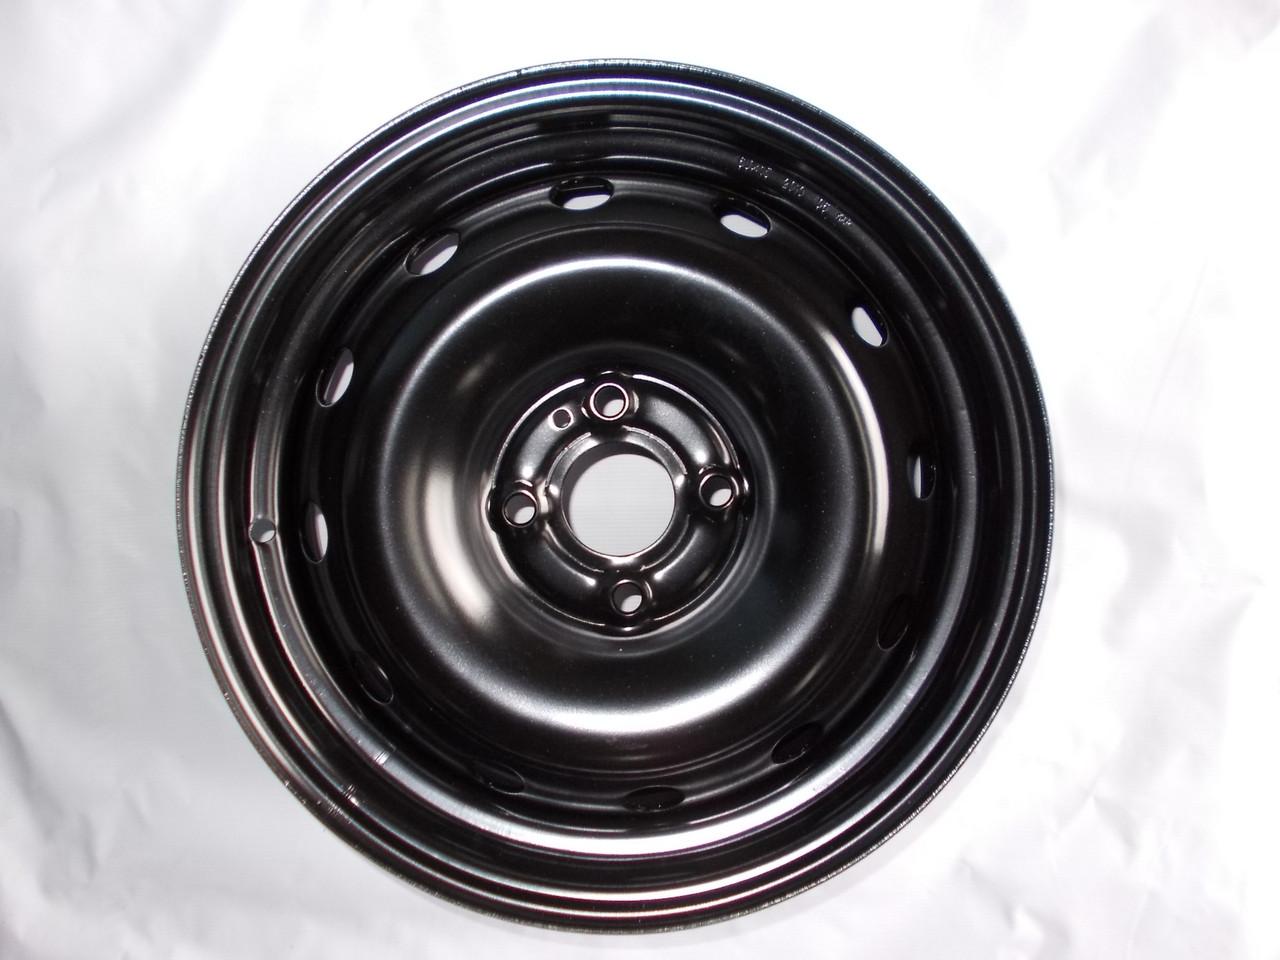 Стальные диски R15 4x100, стальные диски на Kia Rio, железные диски на киа рио, диск сталь на Киа Ри